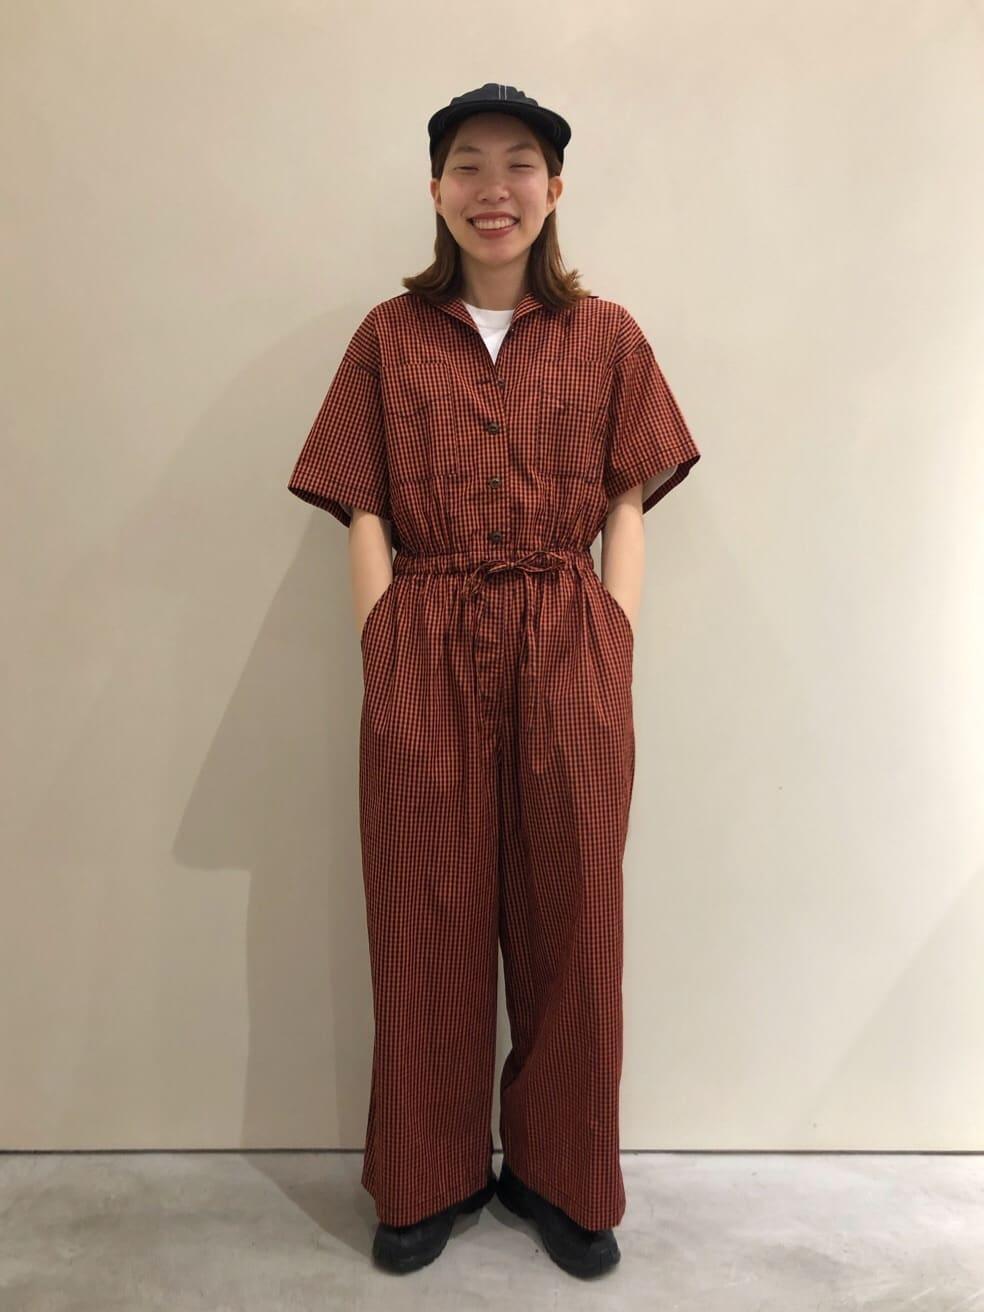 - CHILD WOMAN CHILD WOMAN , PAR ICI 新宿ミロード 身長:159cm 2021.07.29